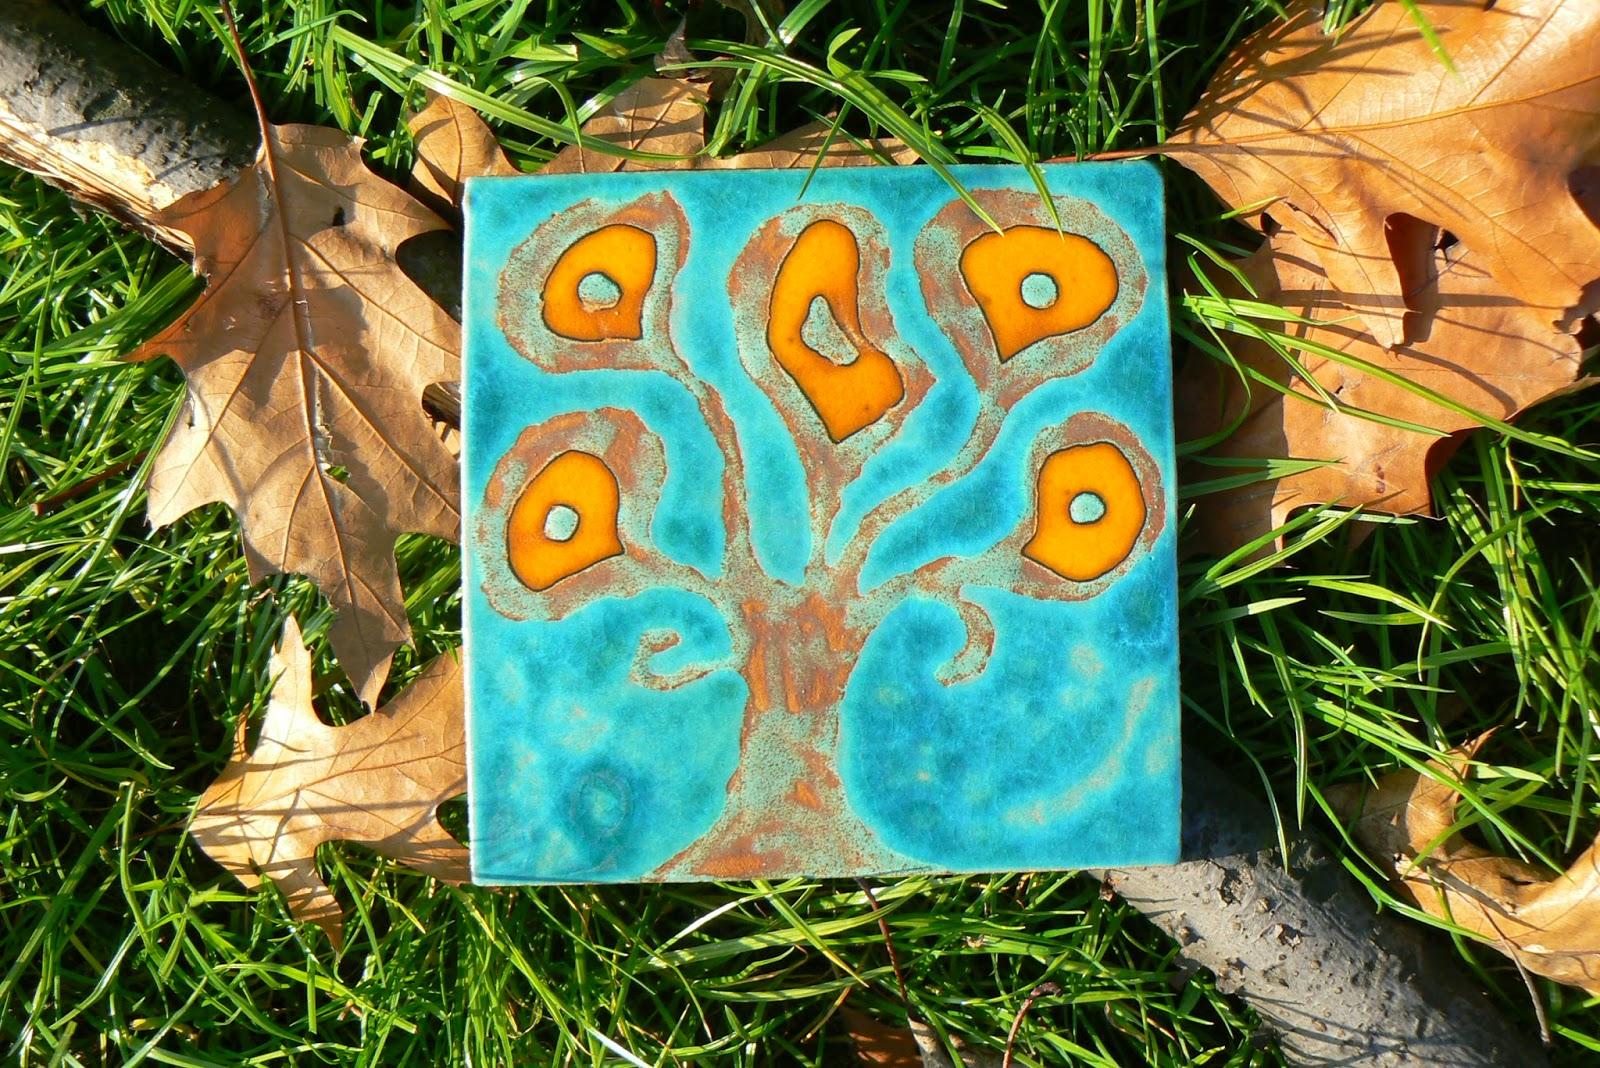 Moje ceramiczne inspiracje: października 2014